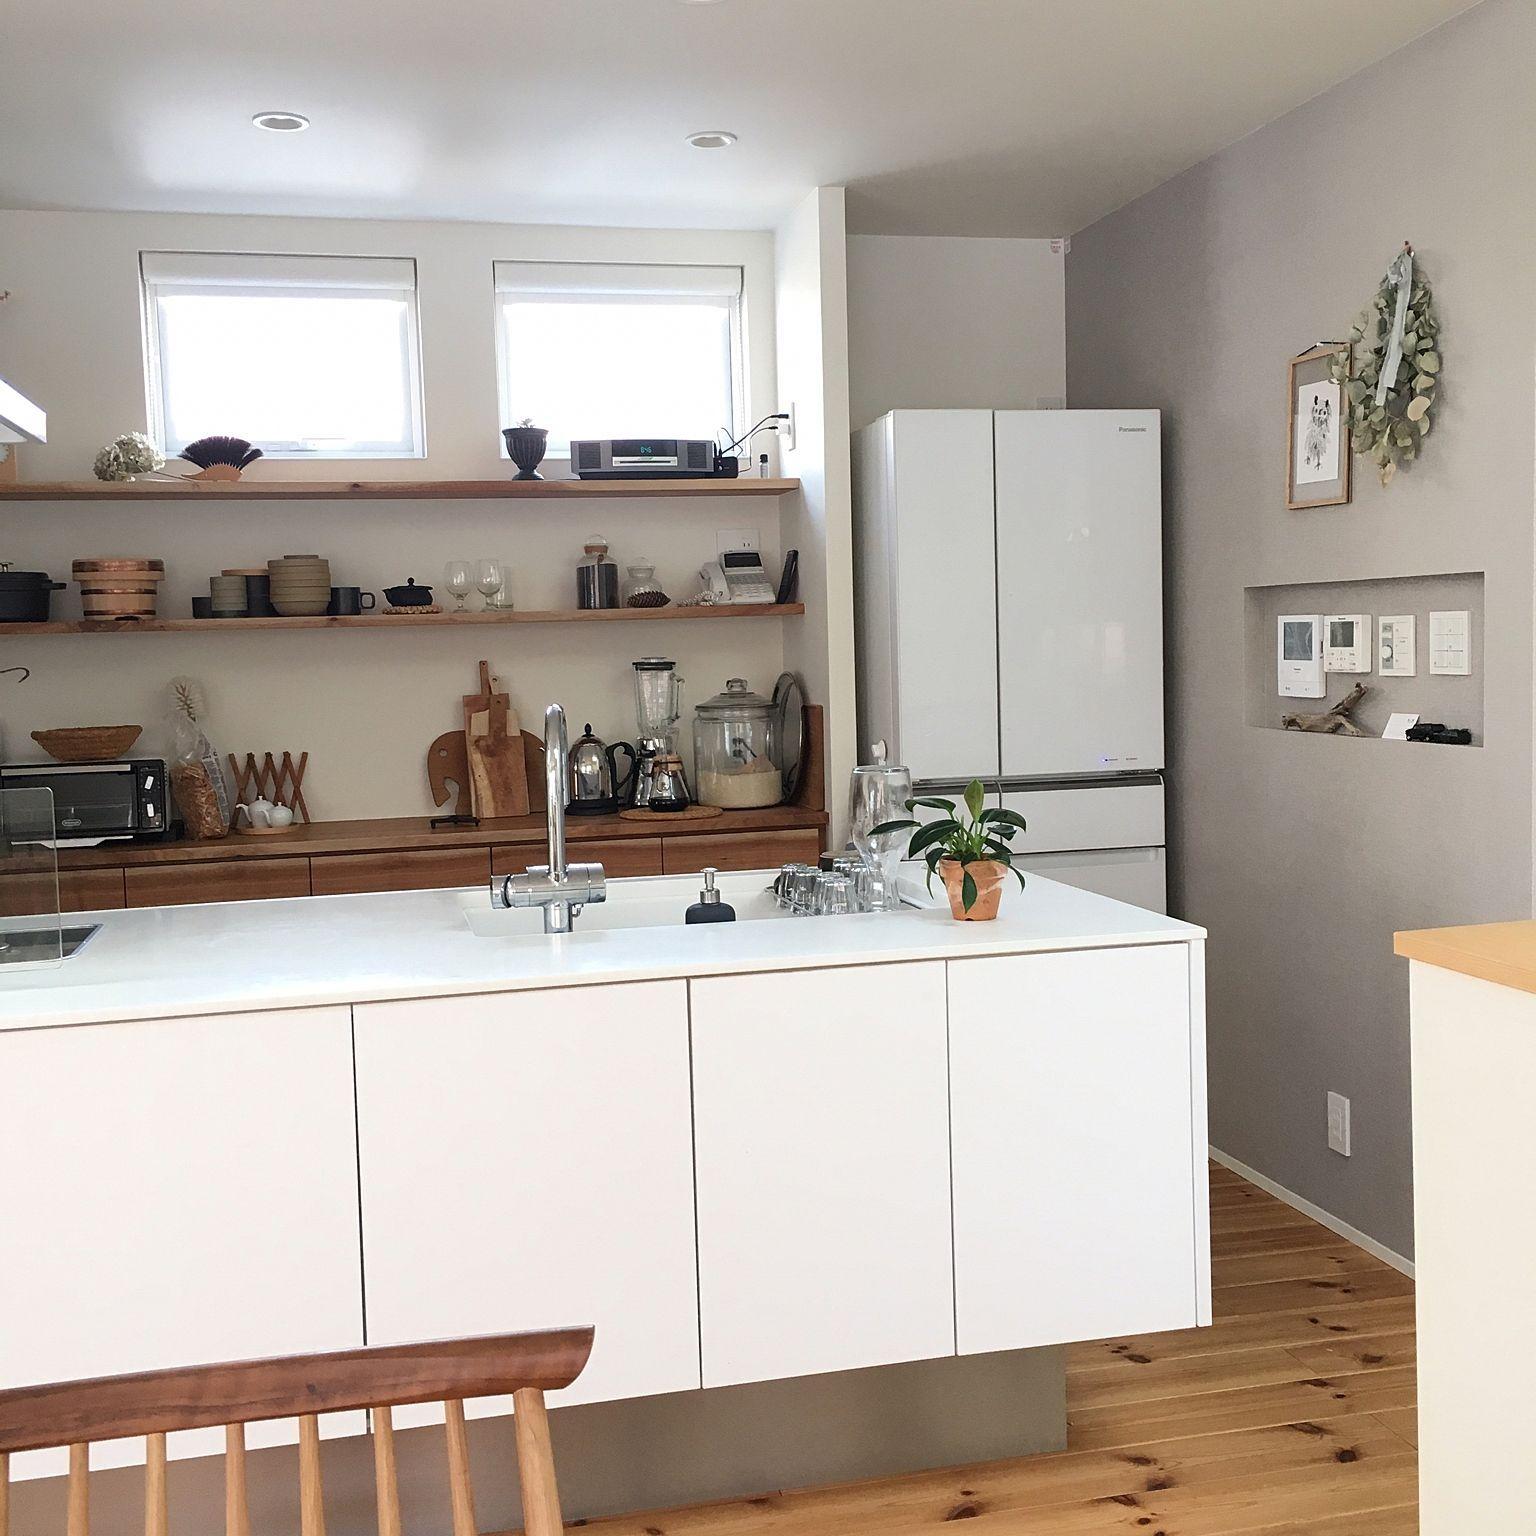 キッチン 二階リビング シンプルな暮らし 無垢の床 こどもと暮らす